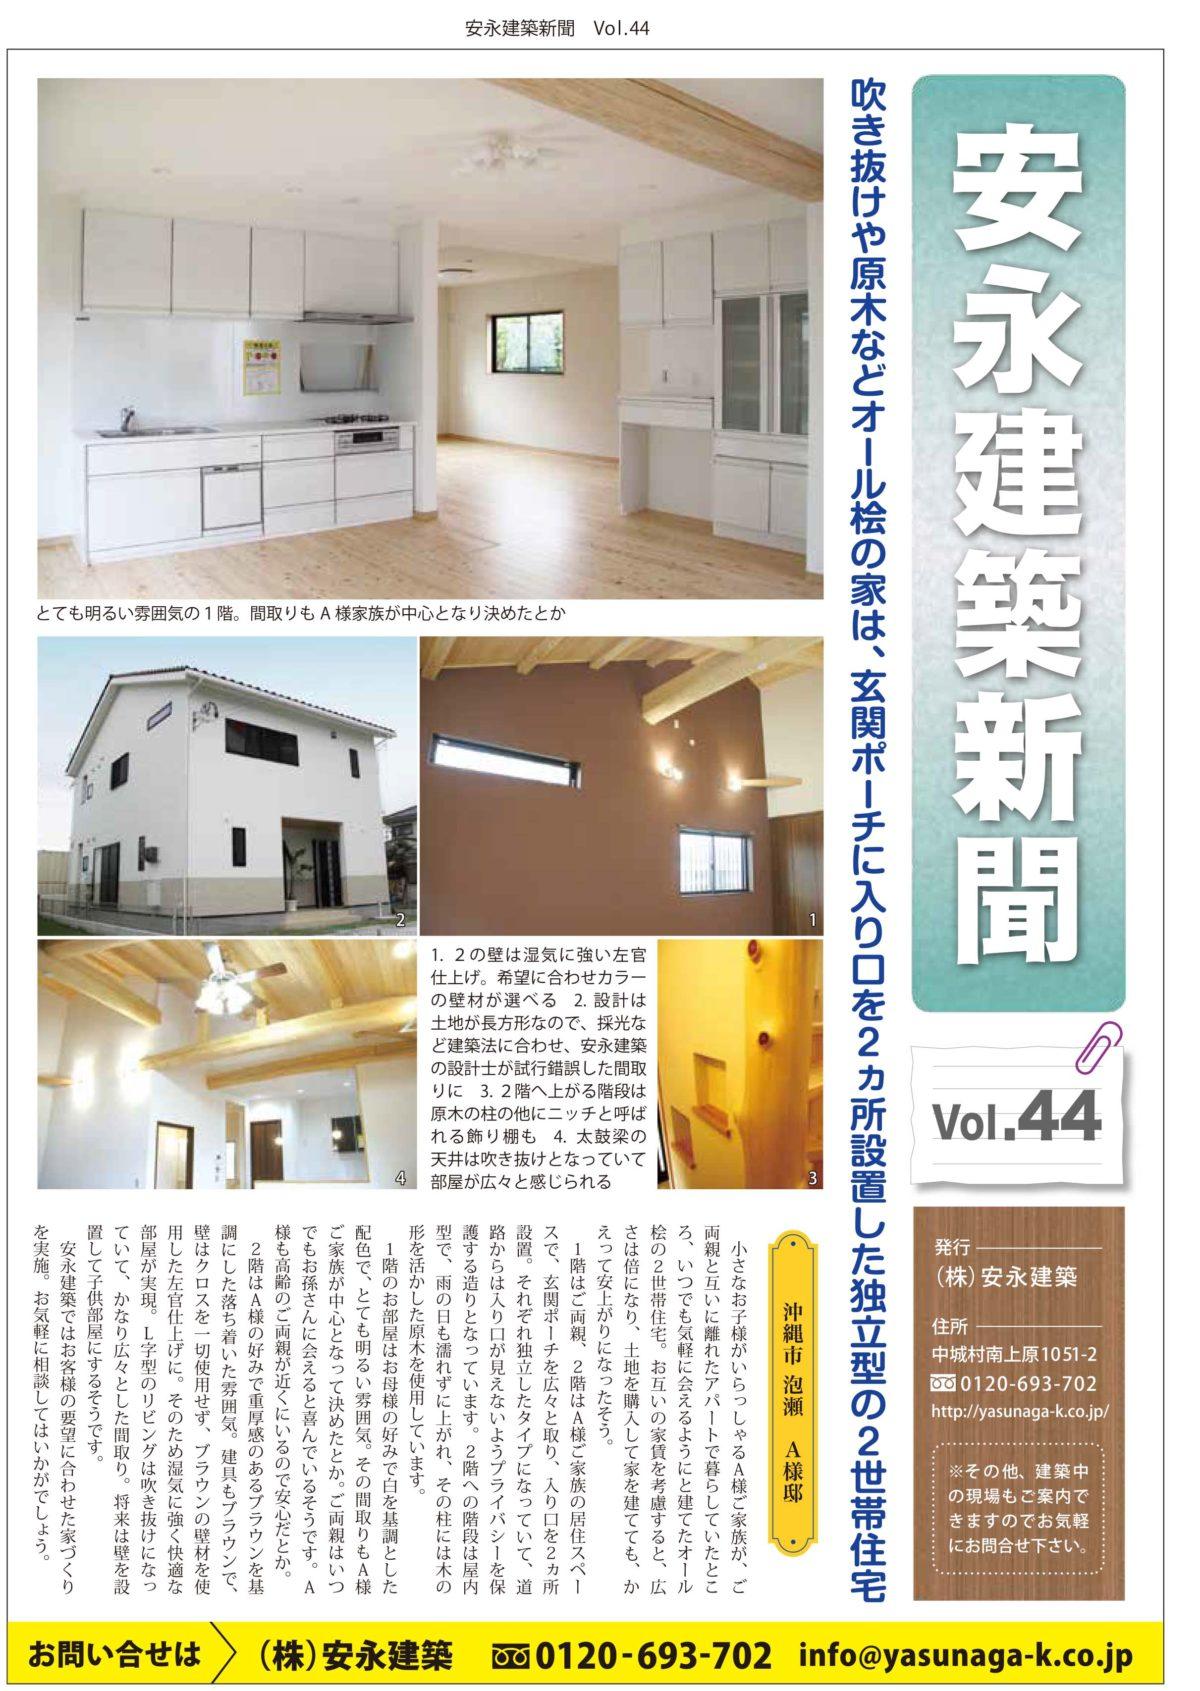 「安永建築新聞」44号です! マンガ以外のチラシもやってます!